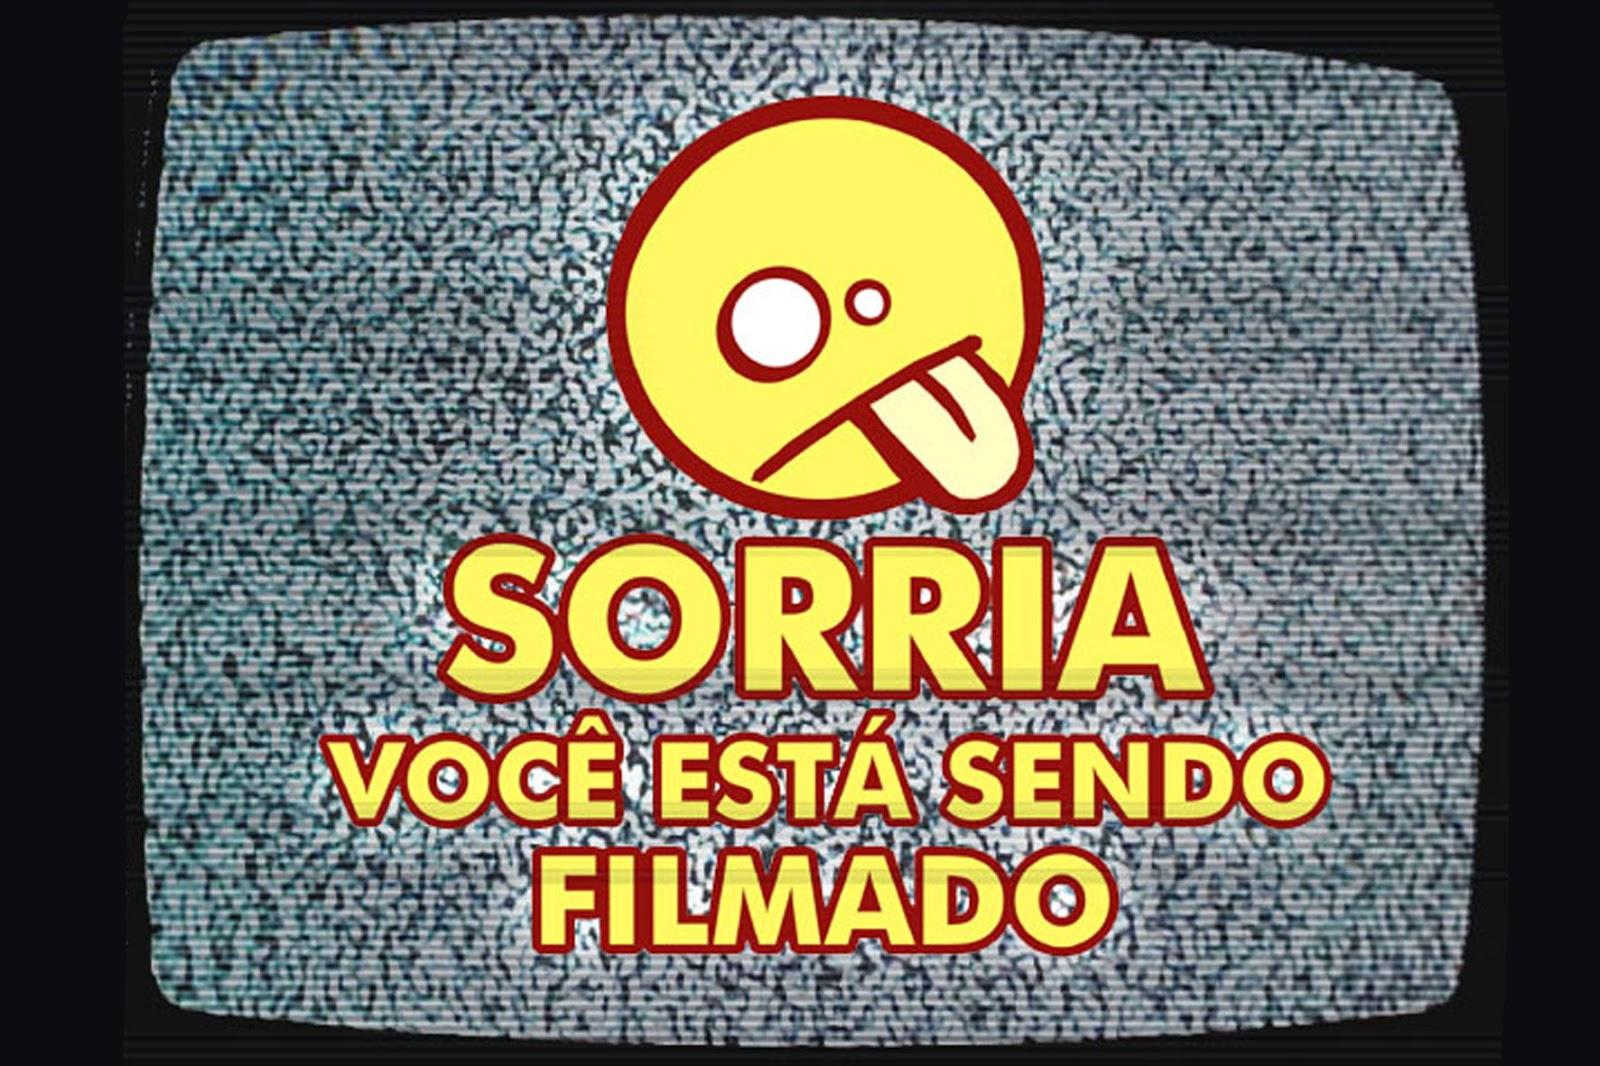 http://4.bp.blogspot.com/_MXTqNSkMYsQ/TN3F1Yboj7I/AAAAAAAABFk/DreLF2SdCzw/s1600/sorria_capa.jpg